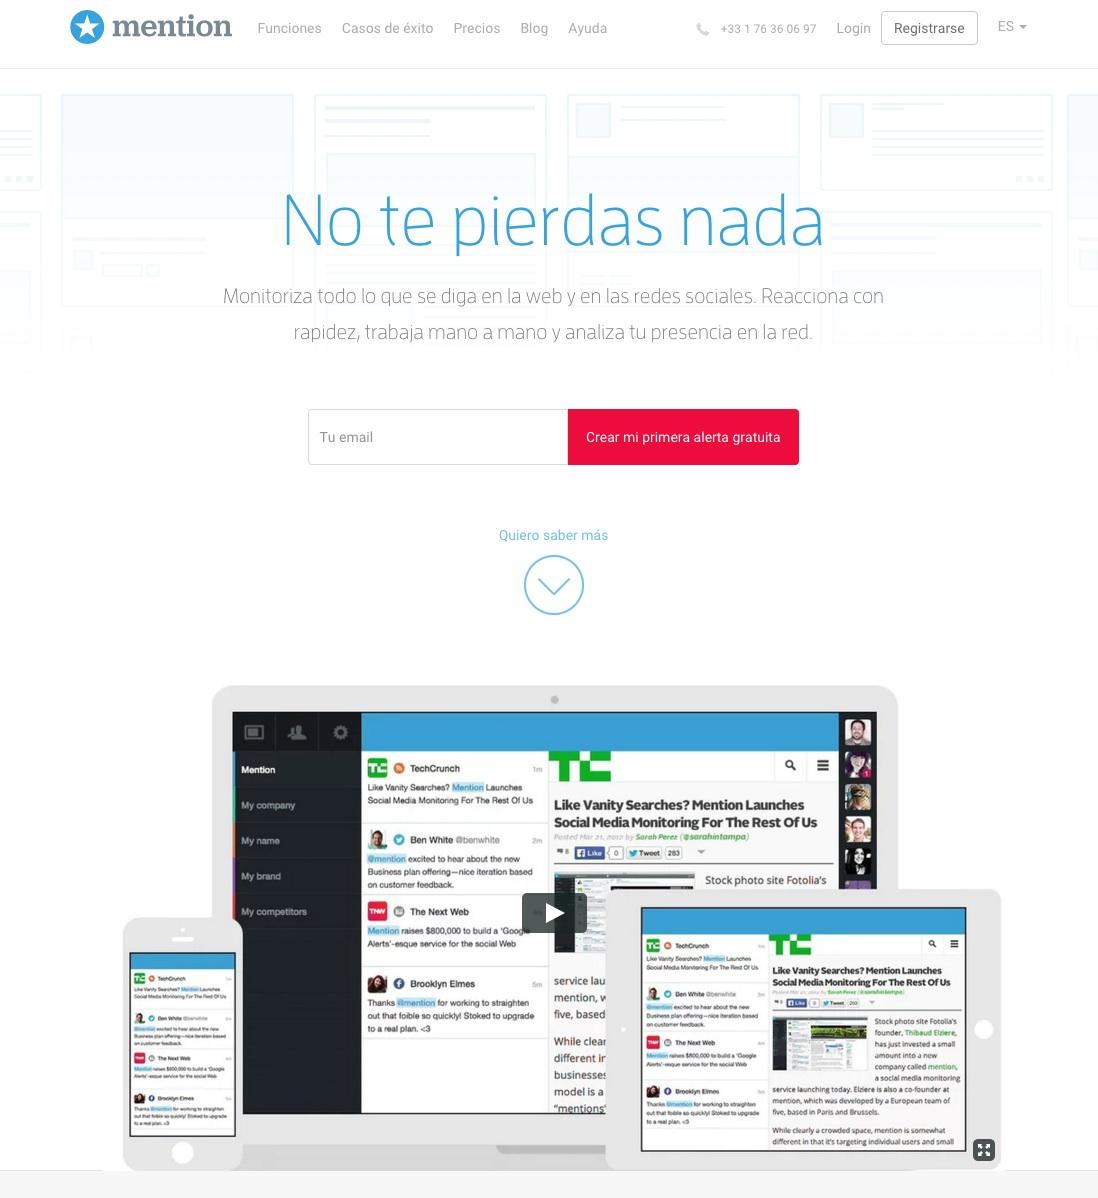 herramientas de monitorización de redes sociales : mention